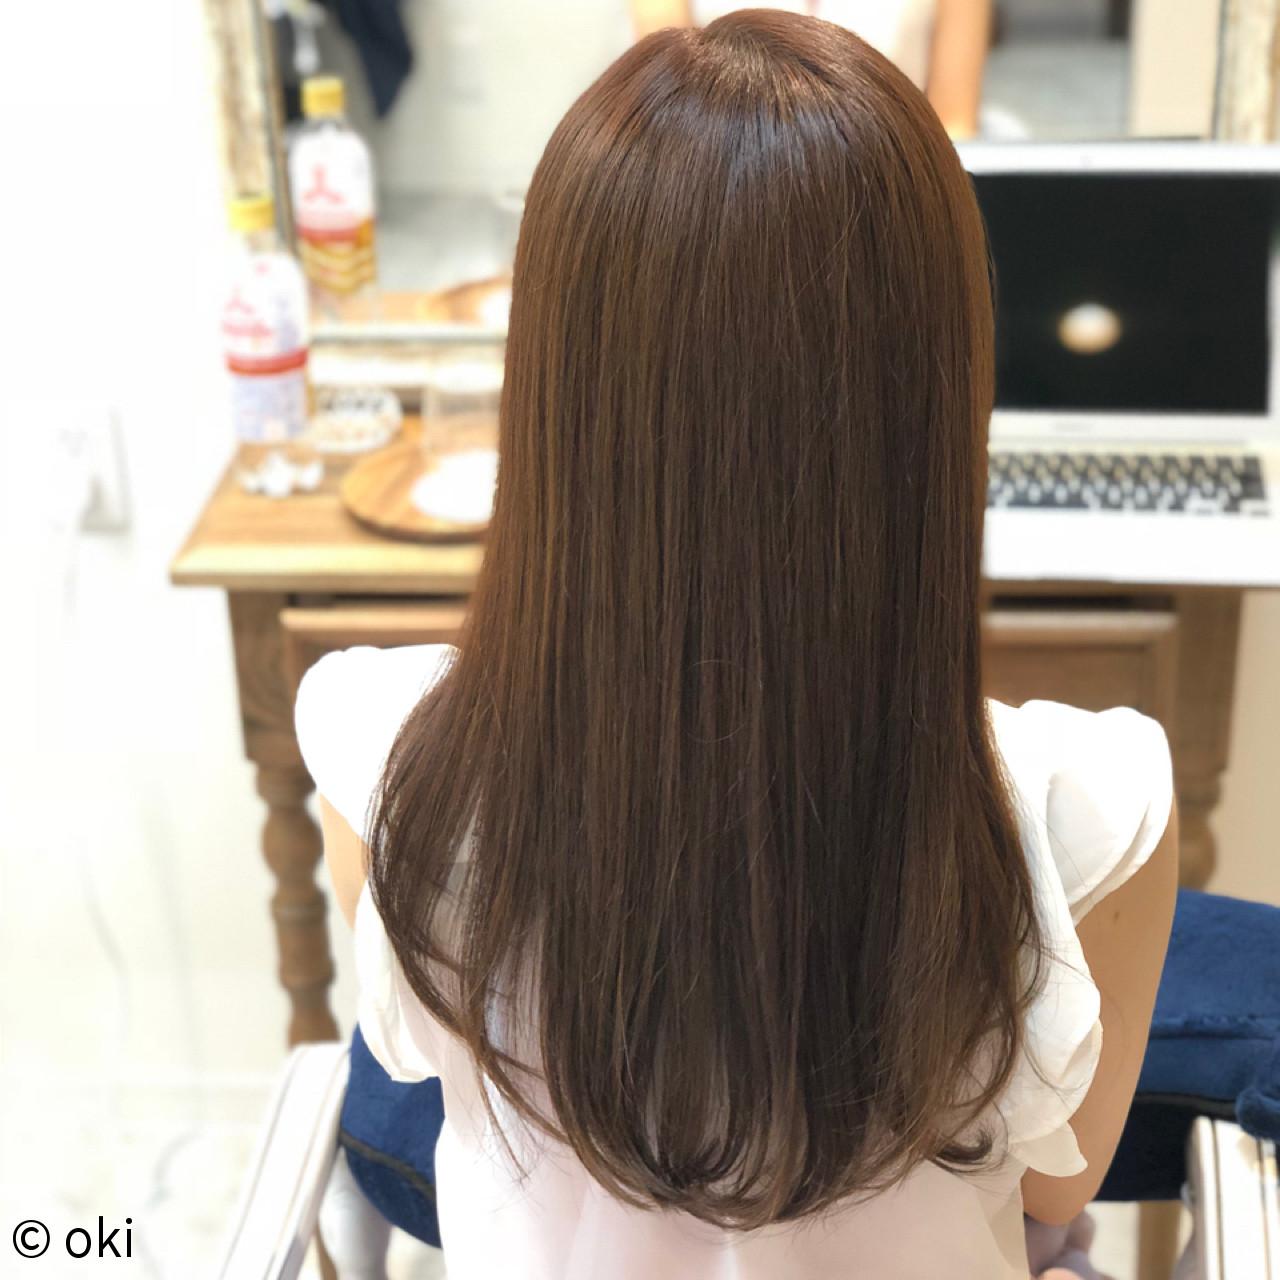 デート フェミニン ロング 艶髪ヘアスタイルや髪型の写真・画像